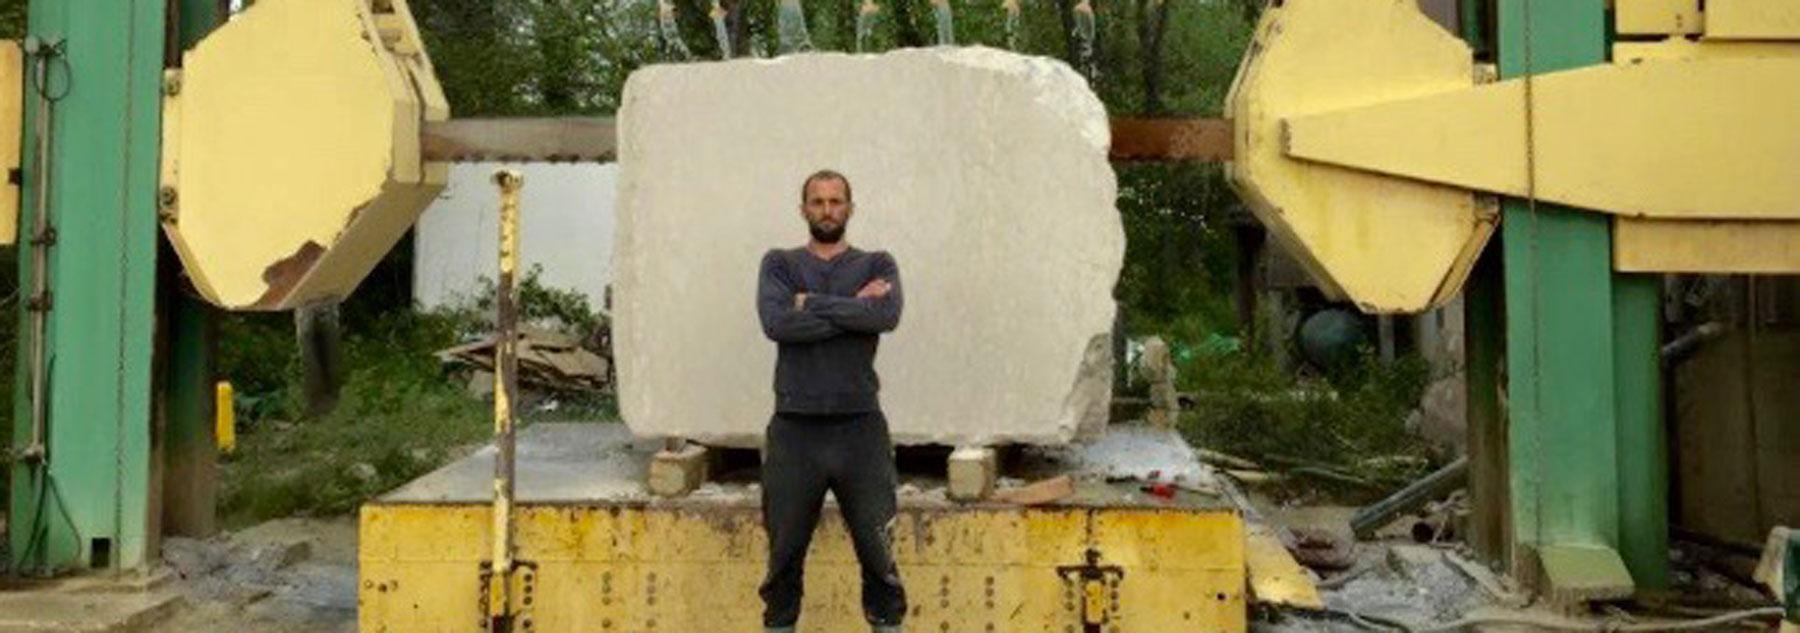 stone saw